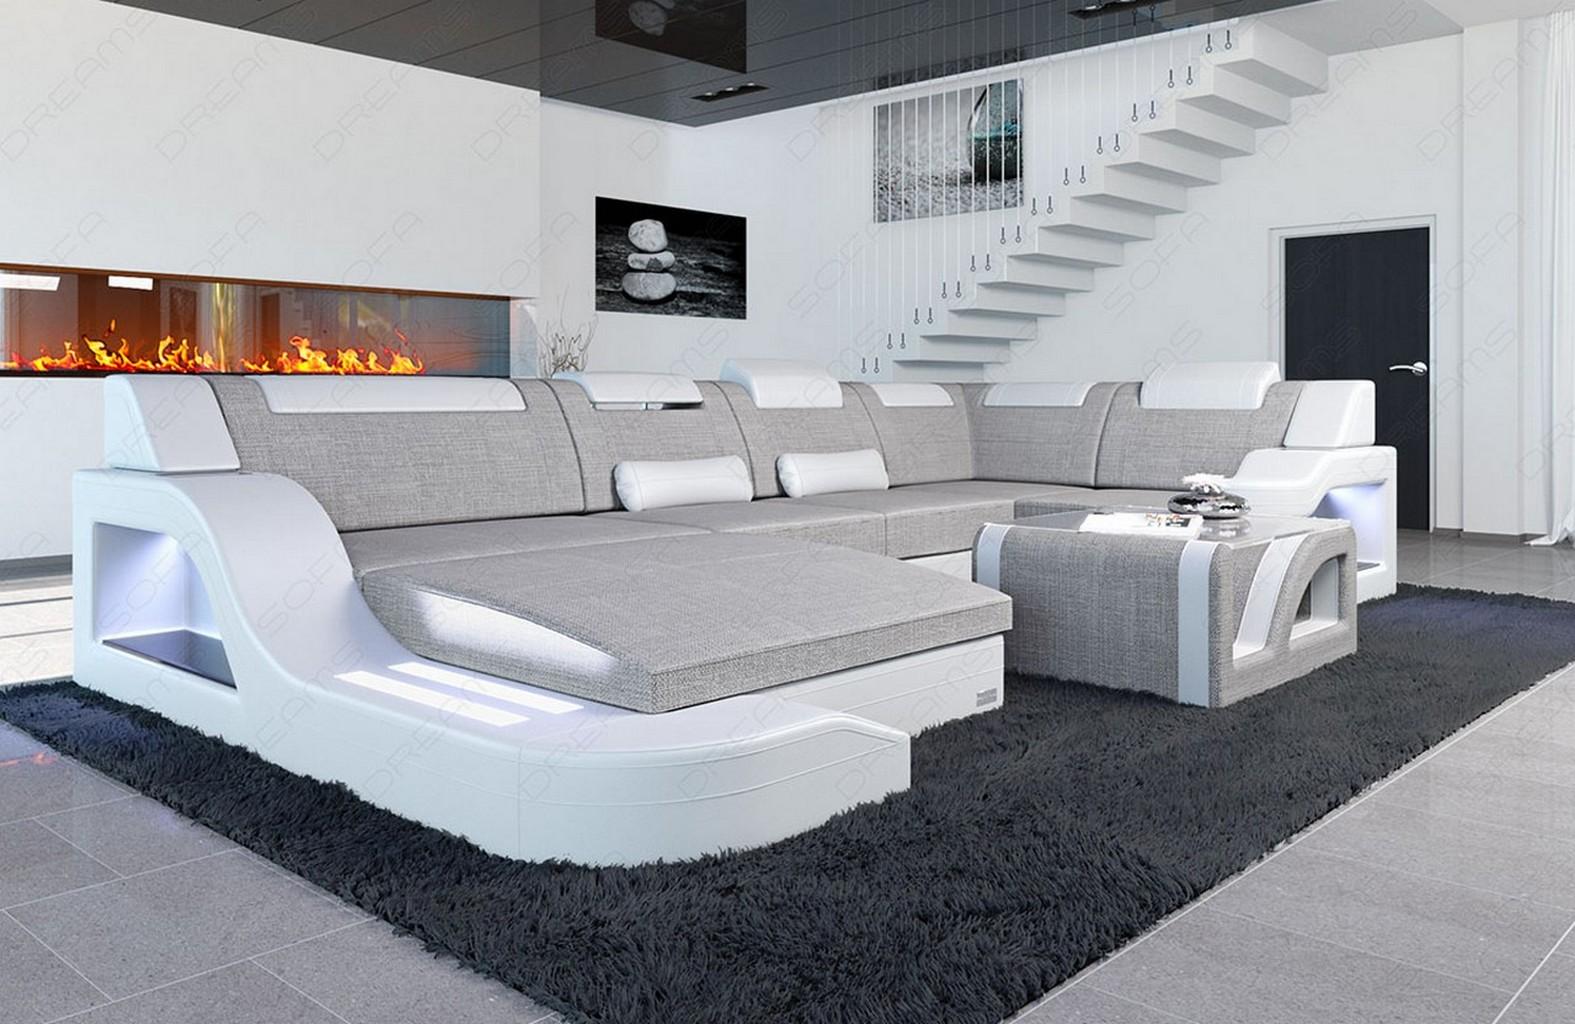 Wohnlandschaft luxus designer stoff palermo u form mit for Wohnlandschaft 7686 exklusiv